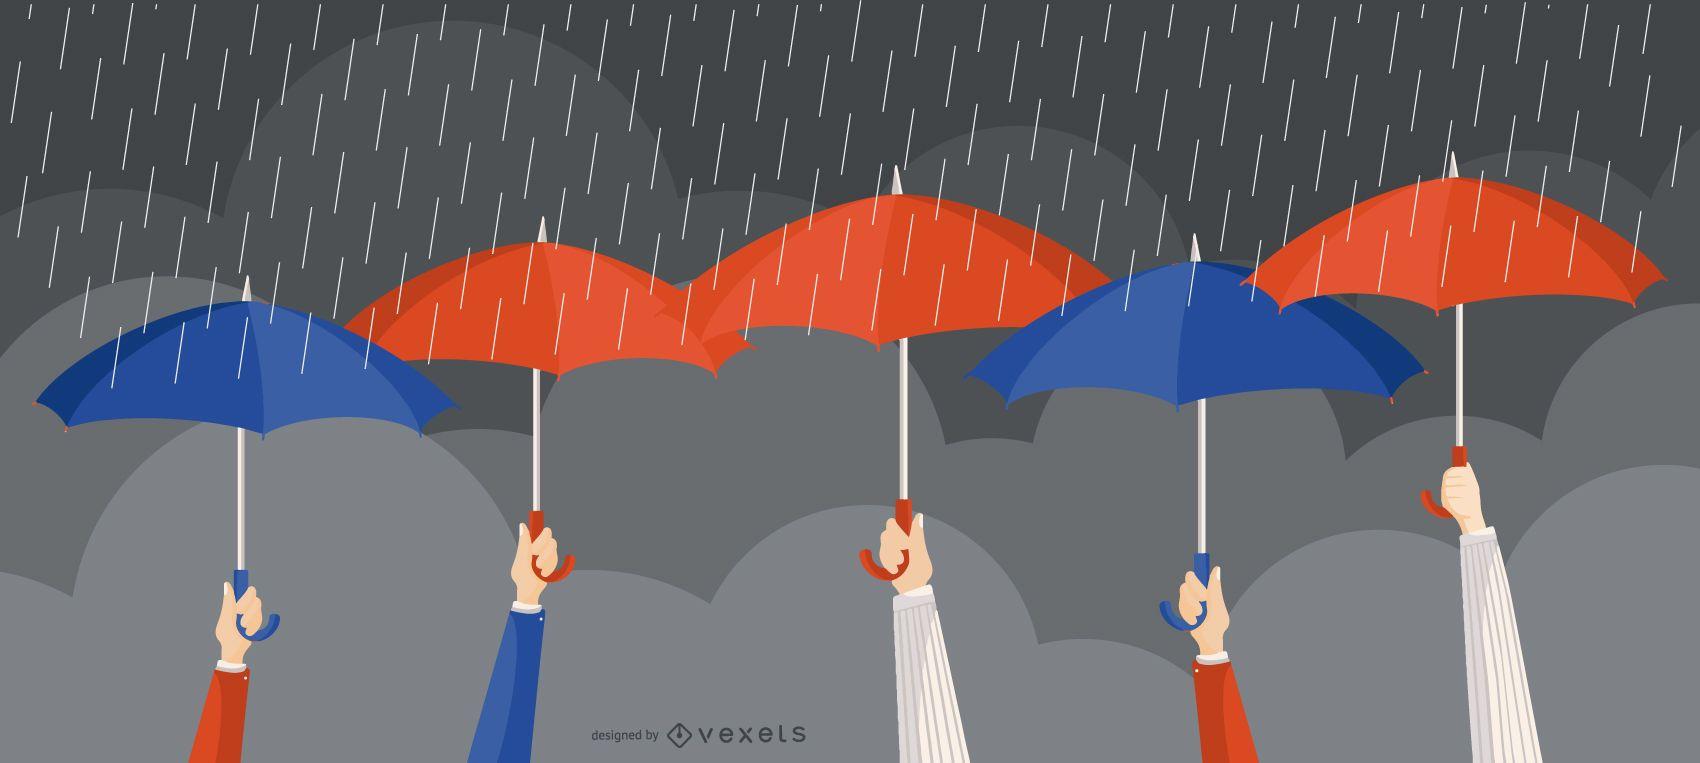 Umbrella Rain People Illustration